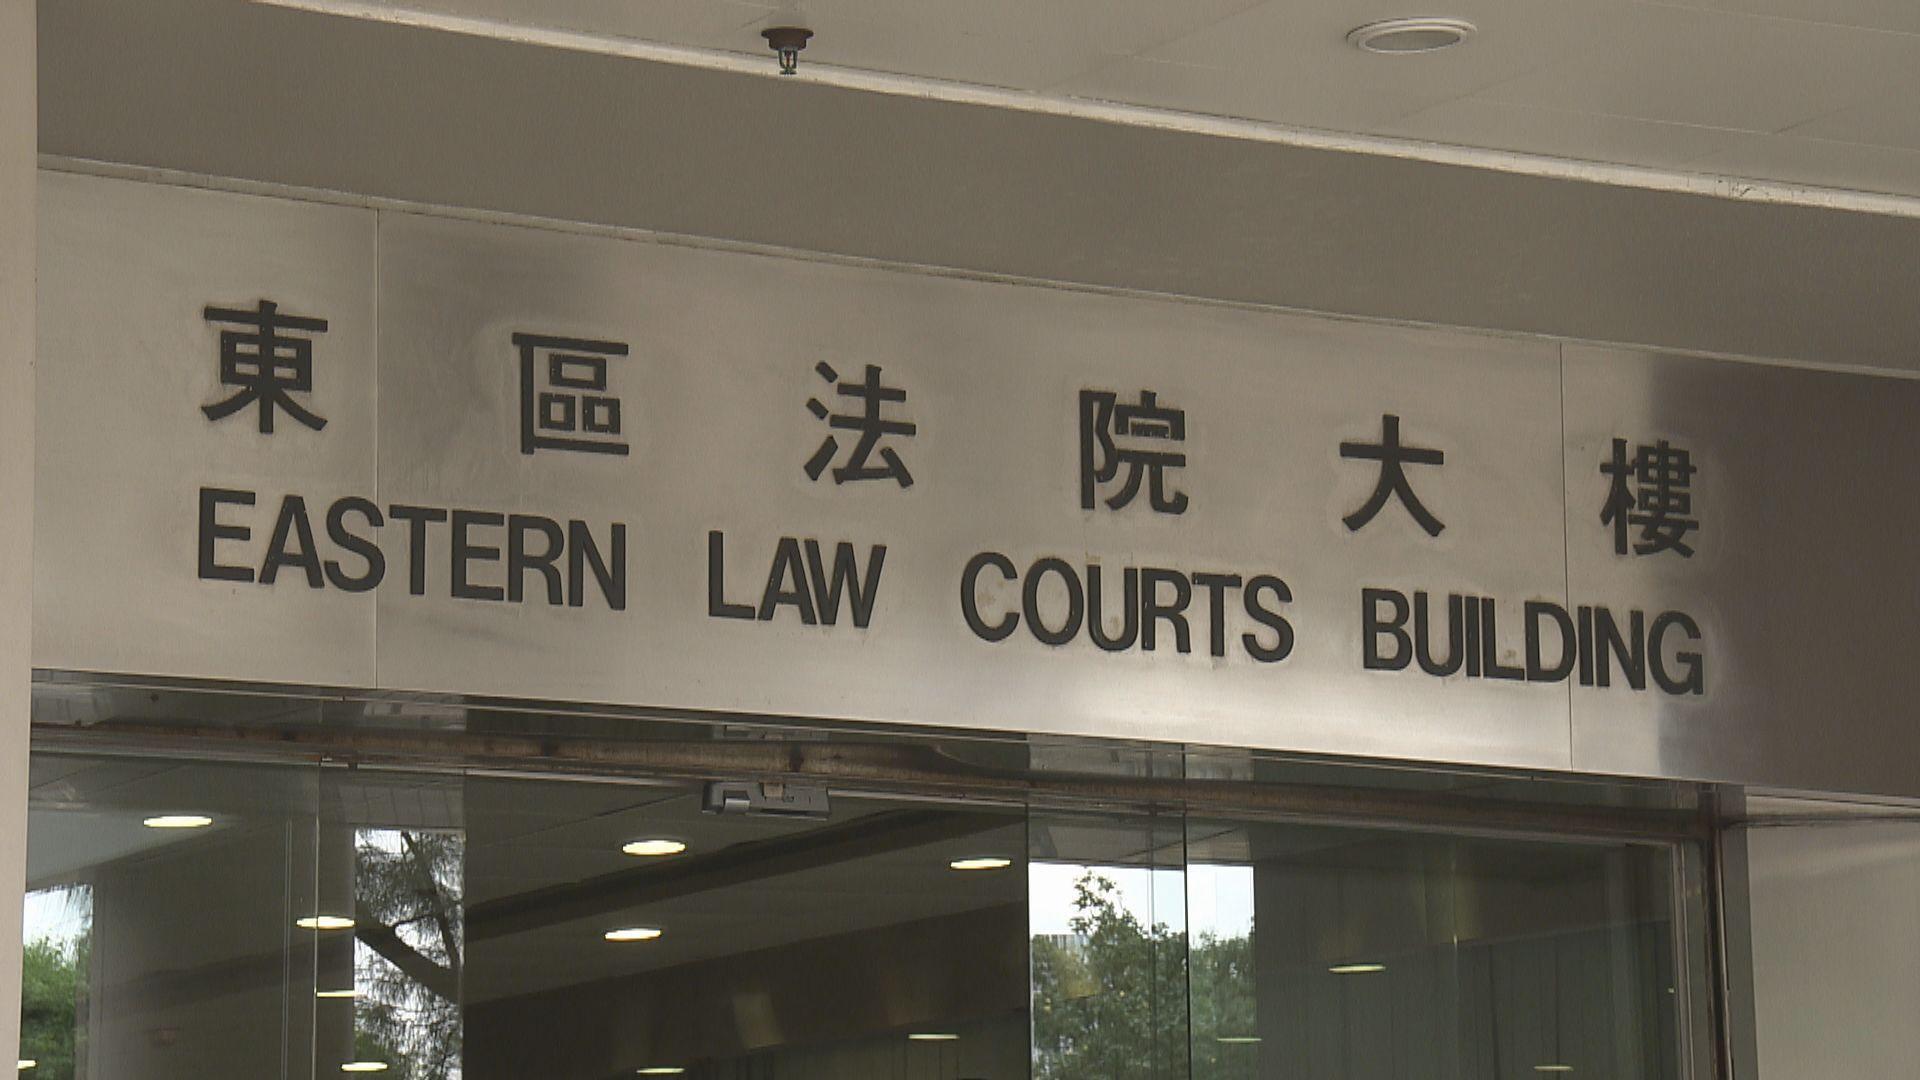 補習導師藏酒精等囚13個月 裁判官:判刑需具阻嚇性